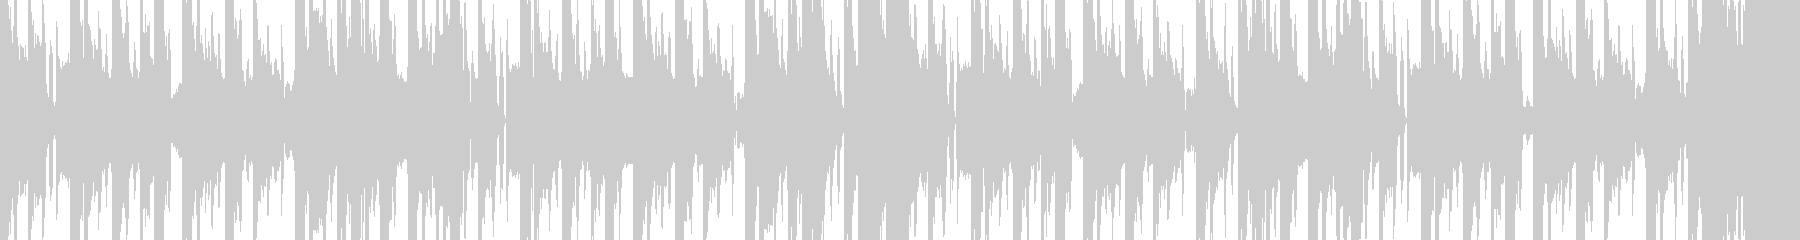 カオスなシンセビートの未再生の波形